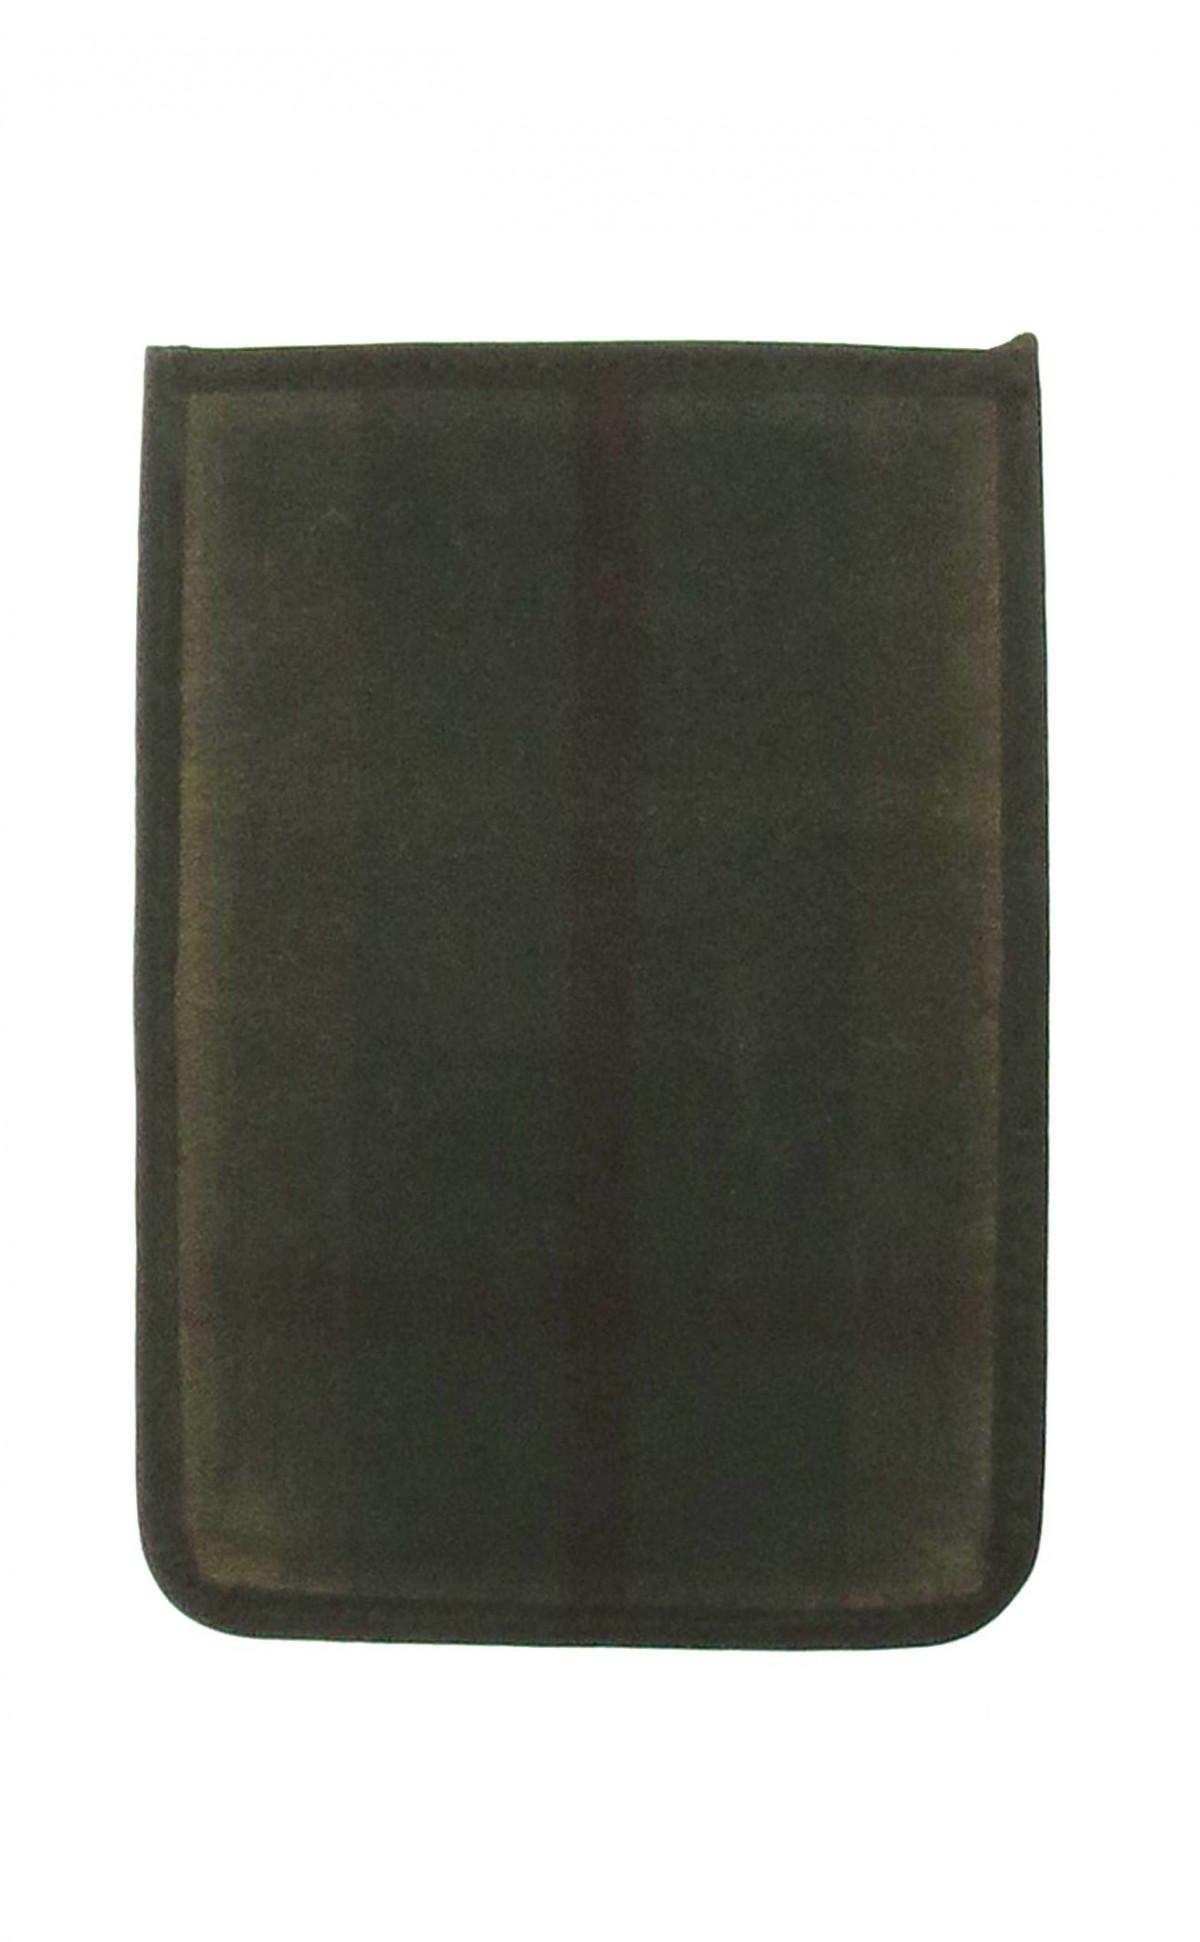 magmo-sr_magmo_millerain_small_phone_case_3